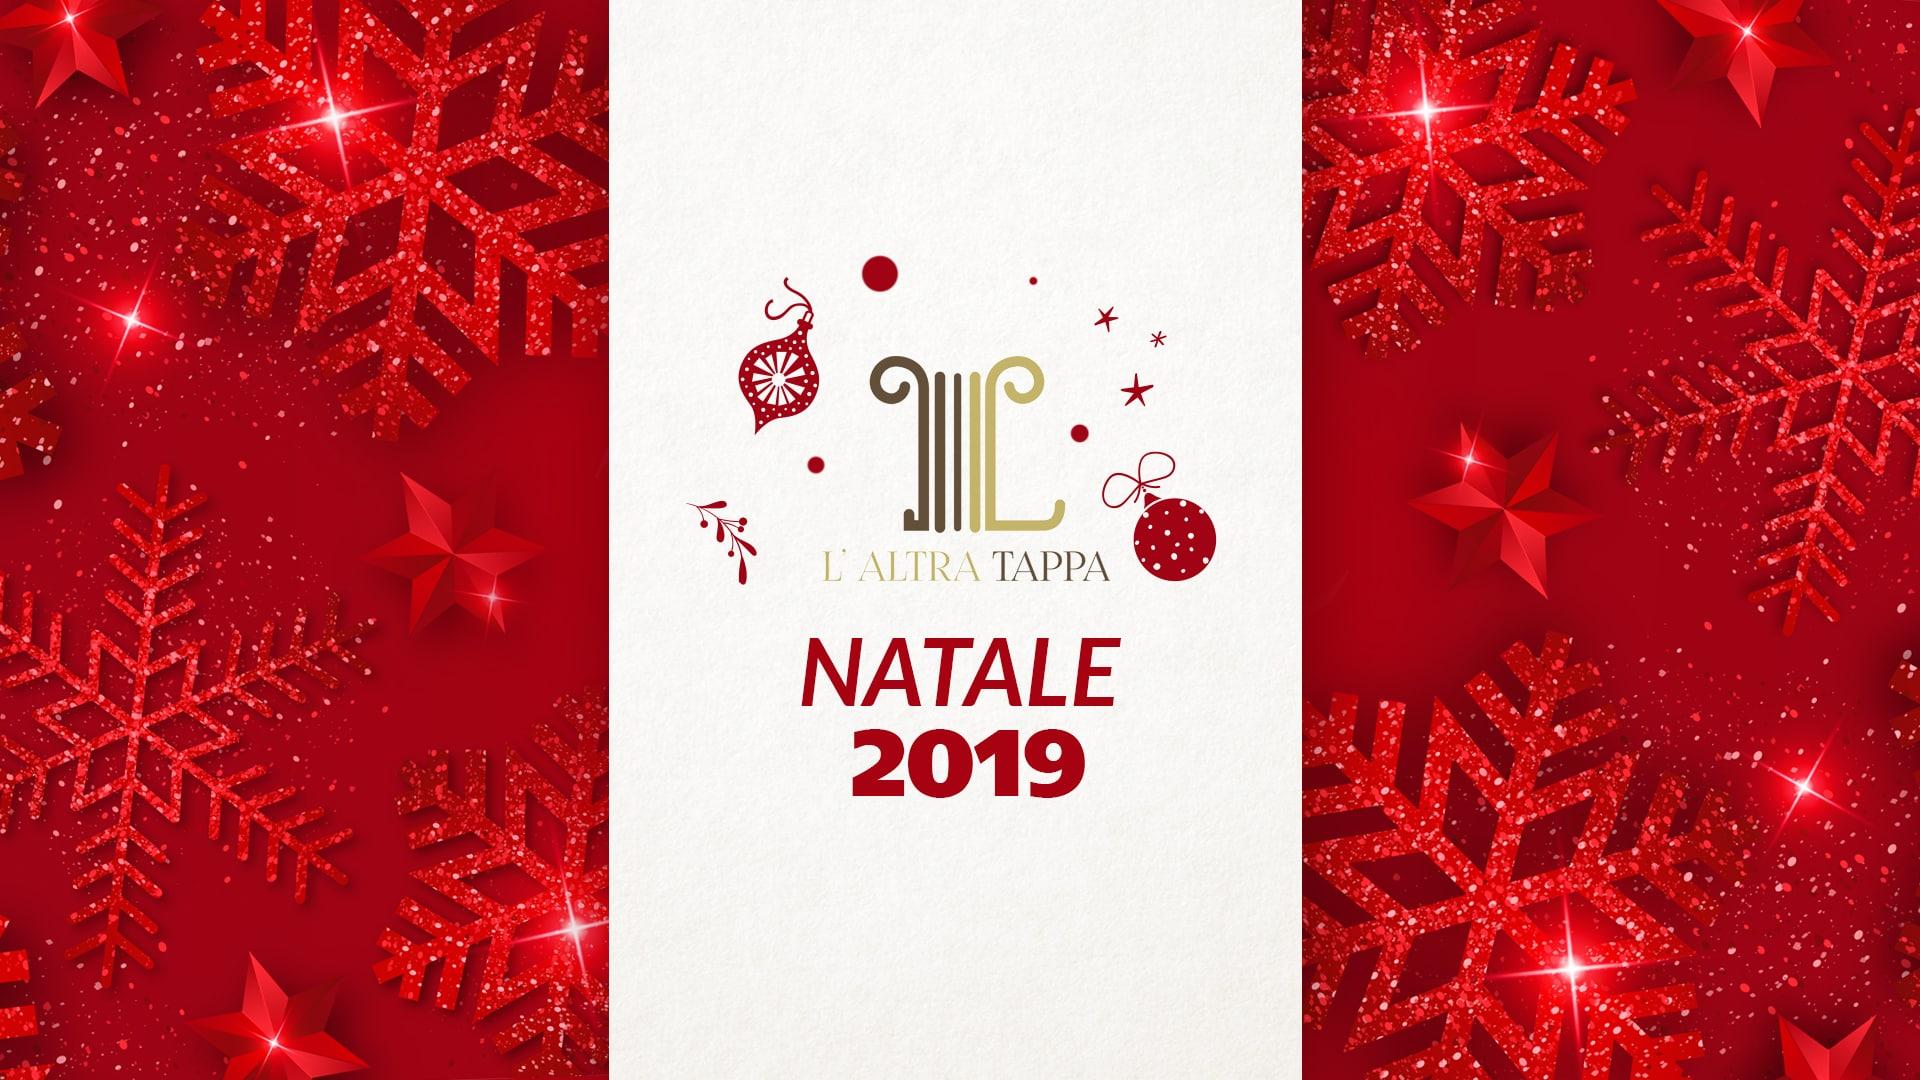 L'altratappa_Natale2019